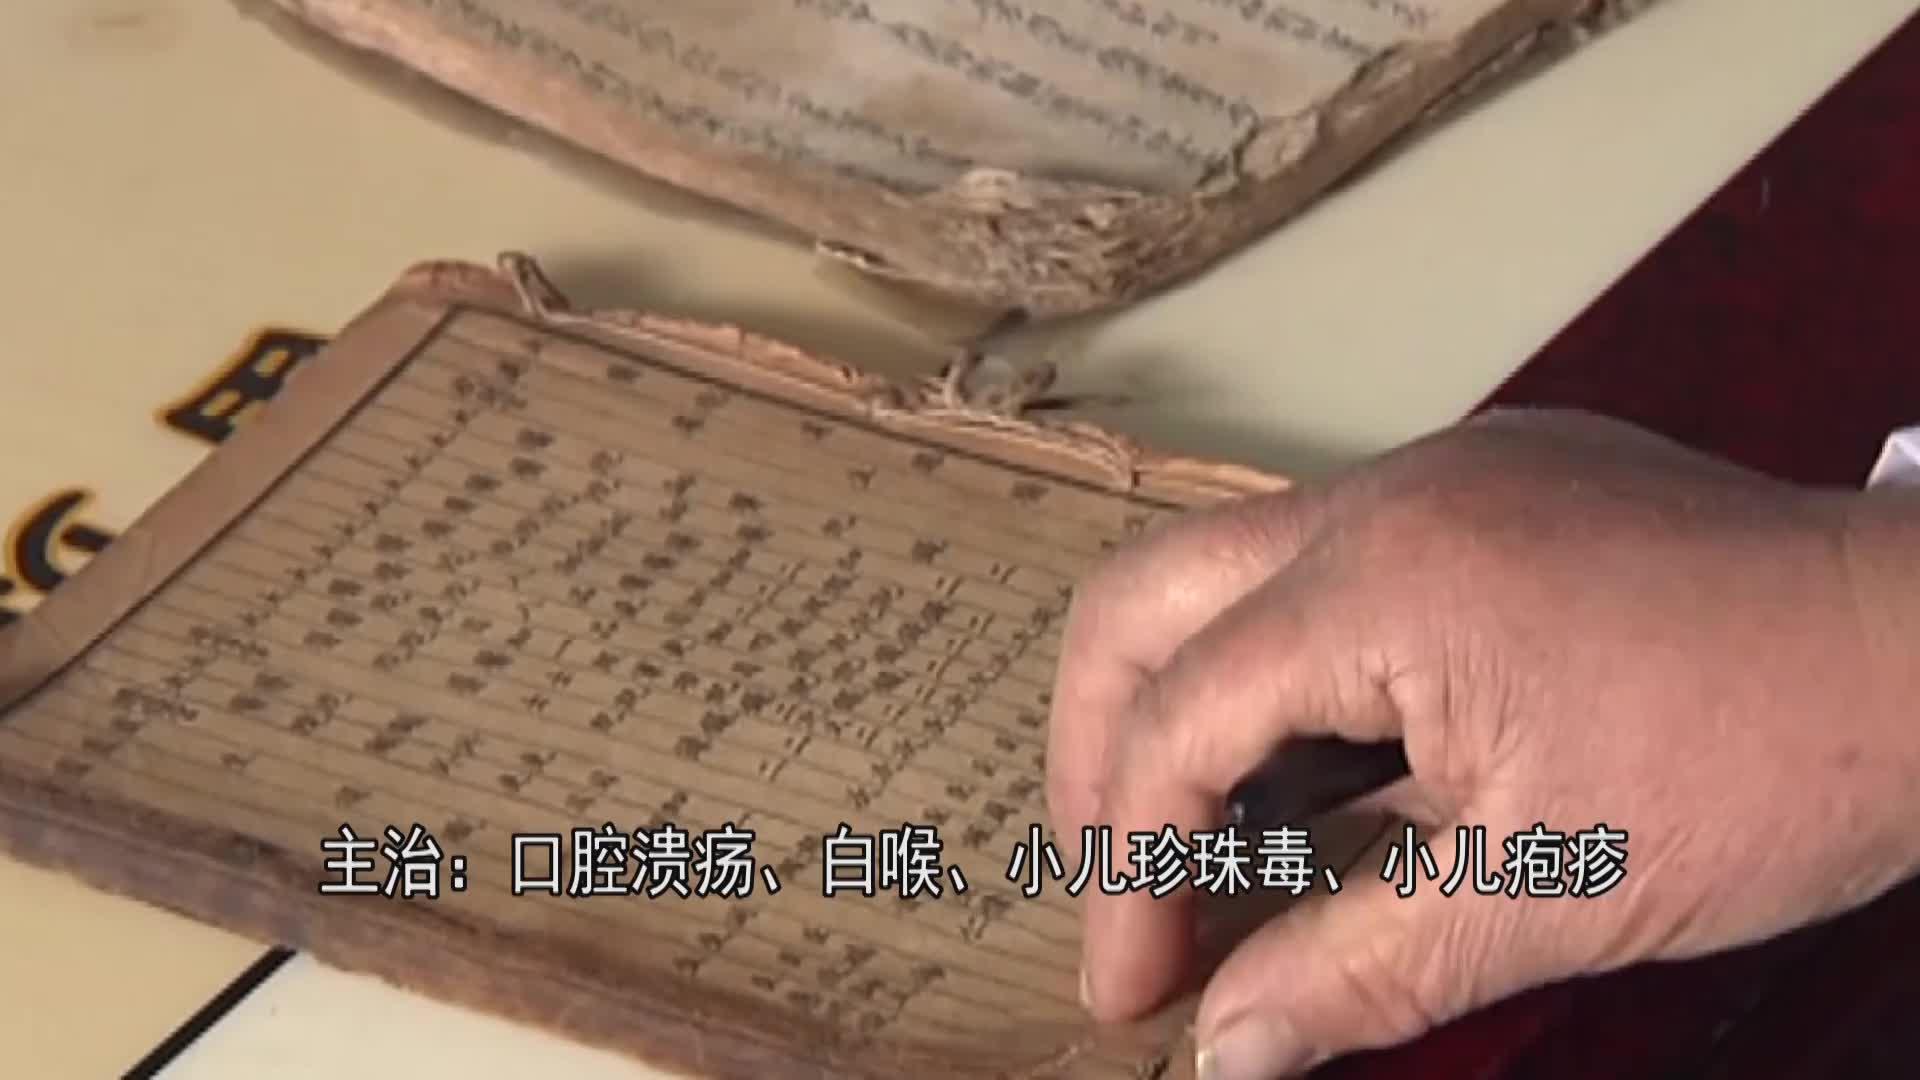 短视频《非遗文化·匠心传承》——丁氏喉科疗法